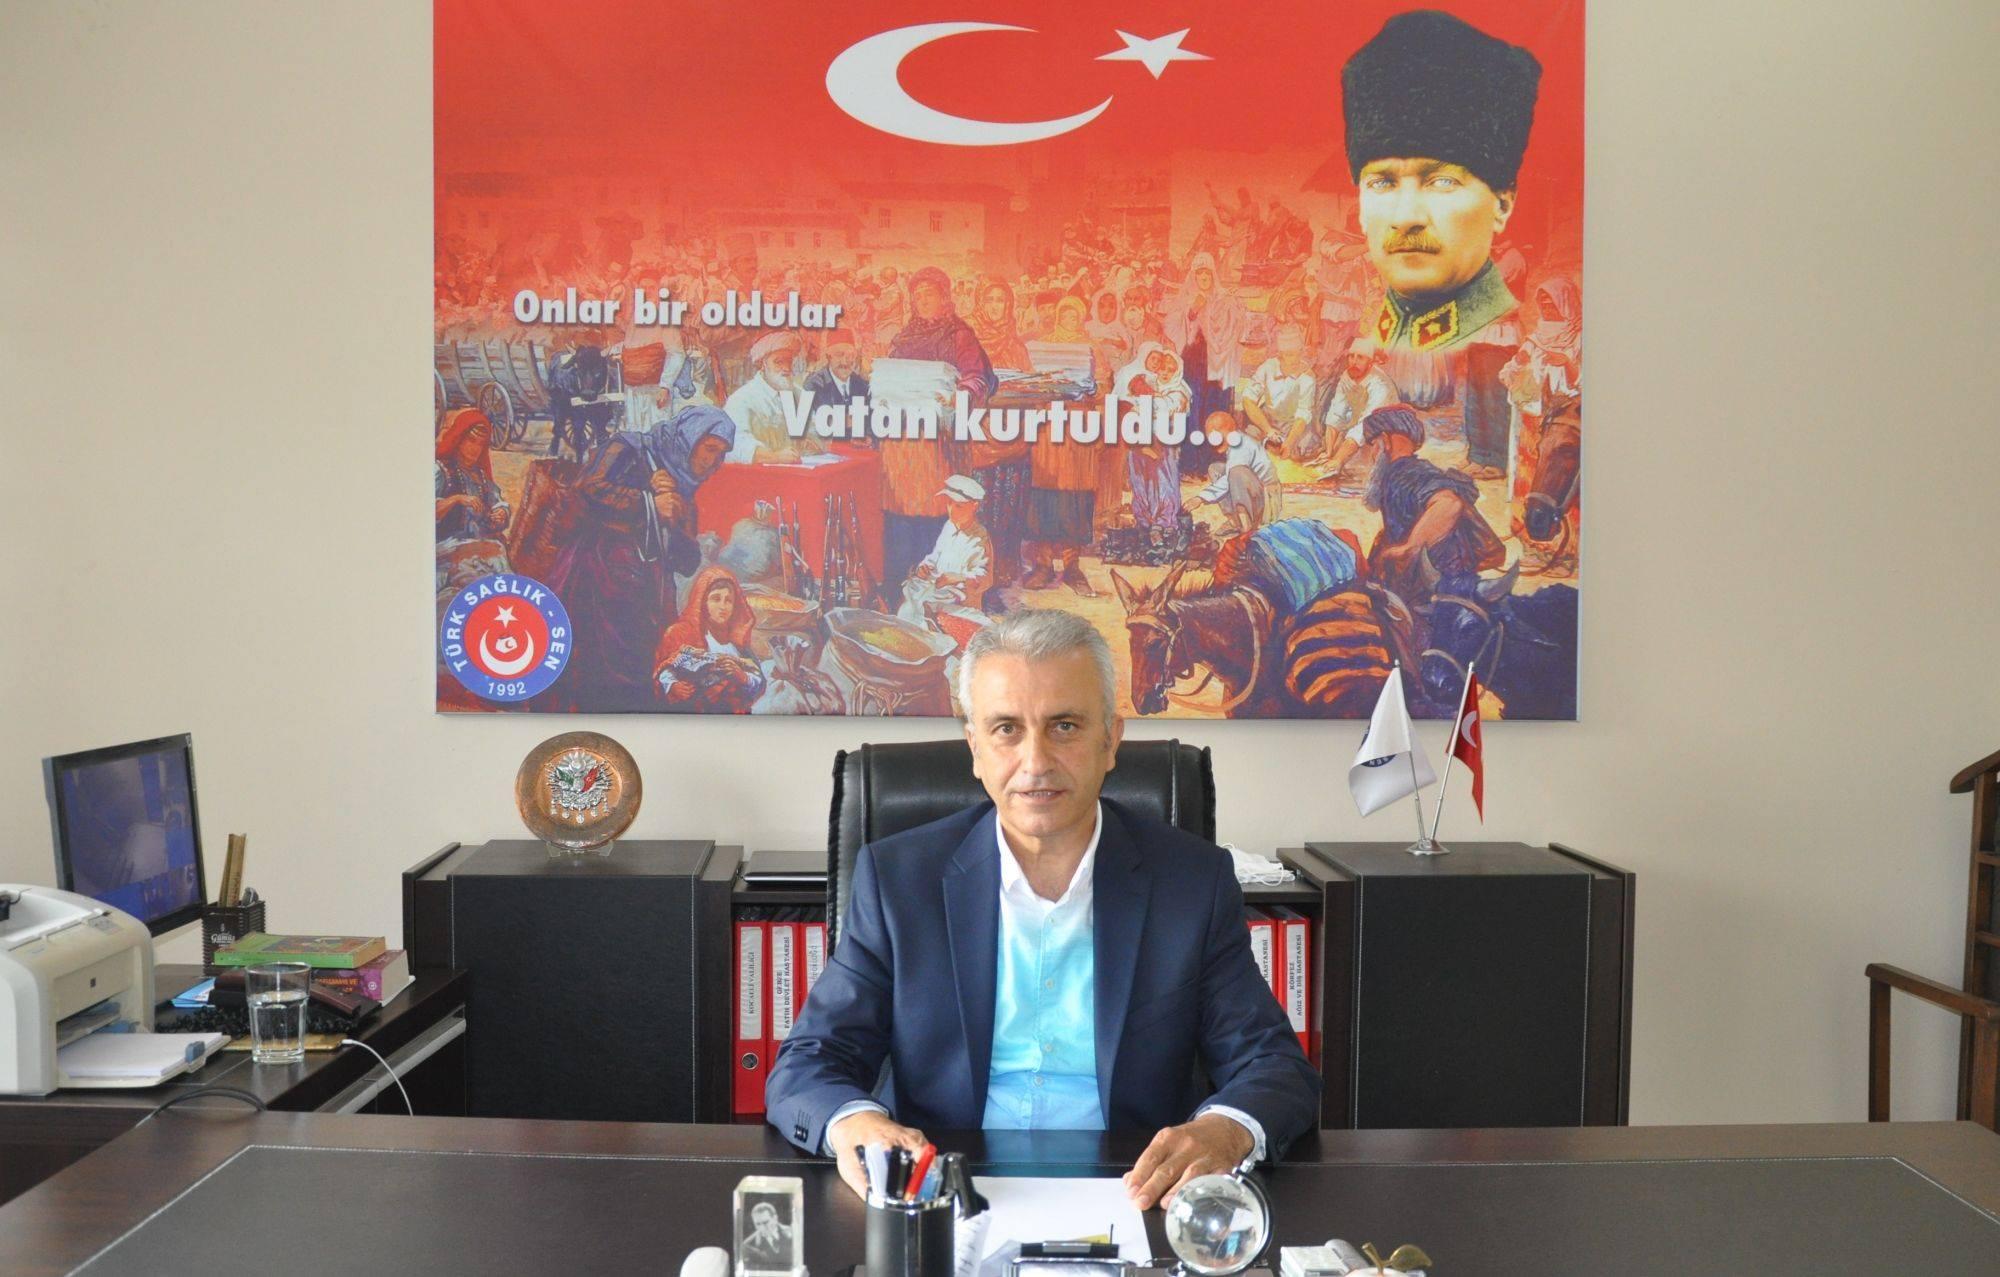 Photo of Çeker: 'Sağlık çalışanlarına şiddet uygulayan tutuklanmalı'